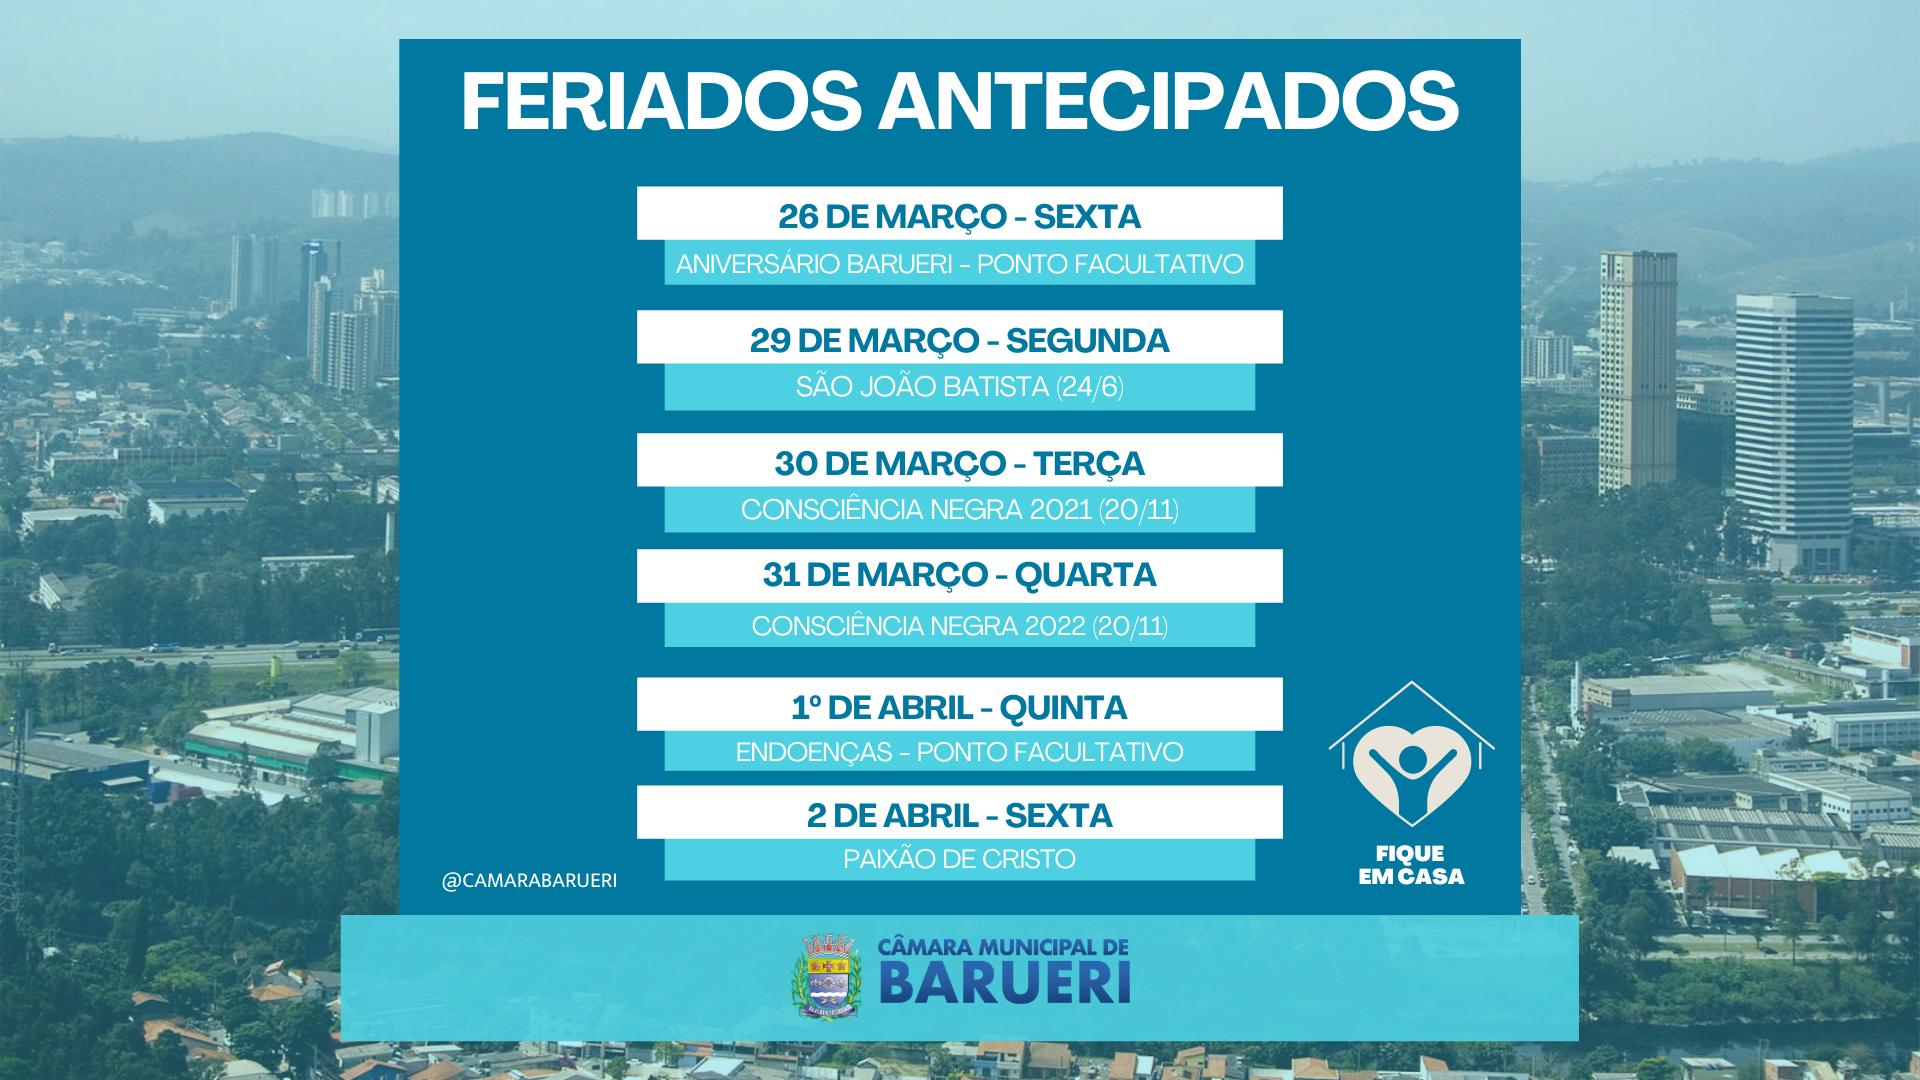 Barueri acompanha cidades da região e antecipa feriados